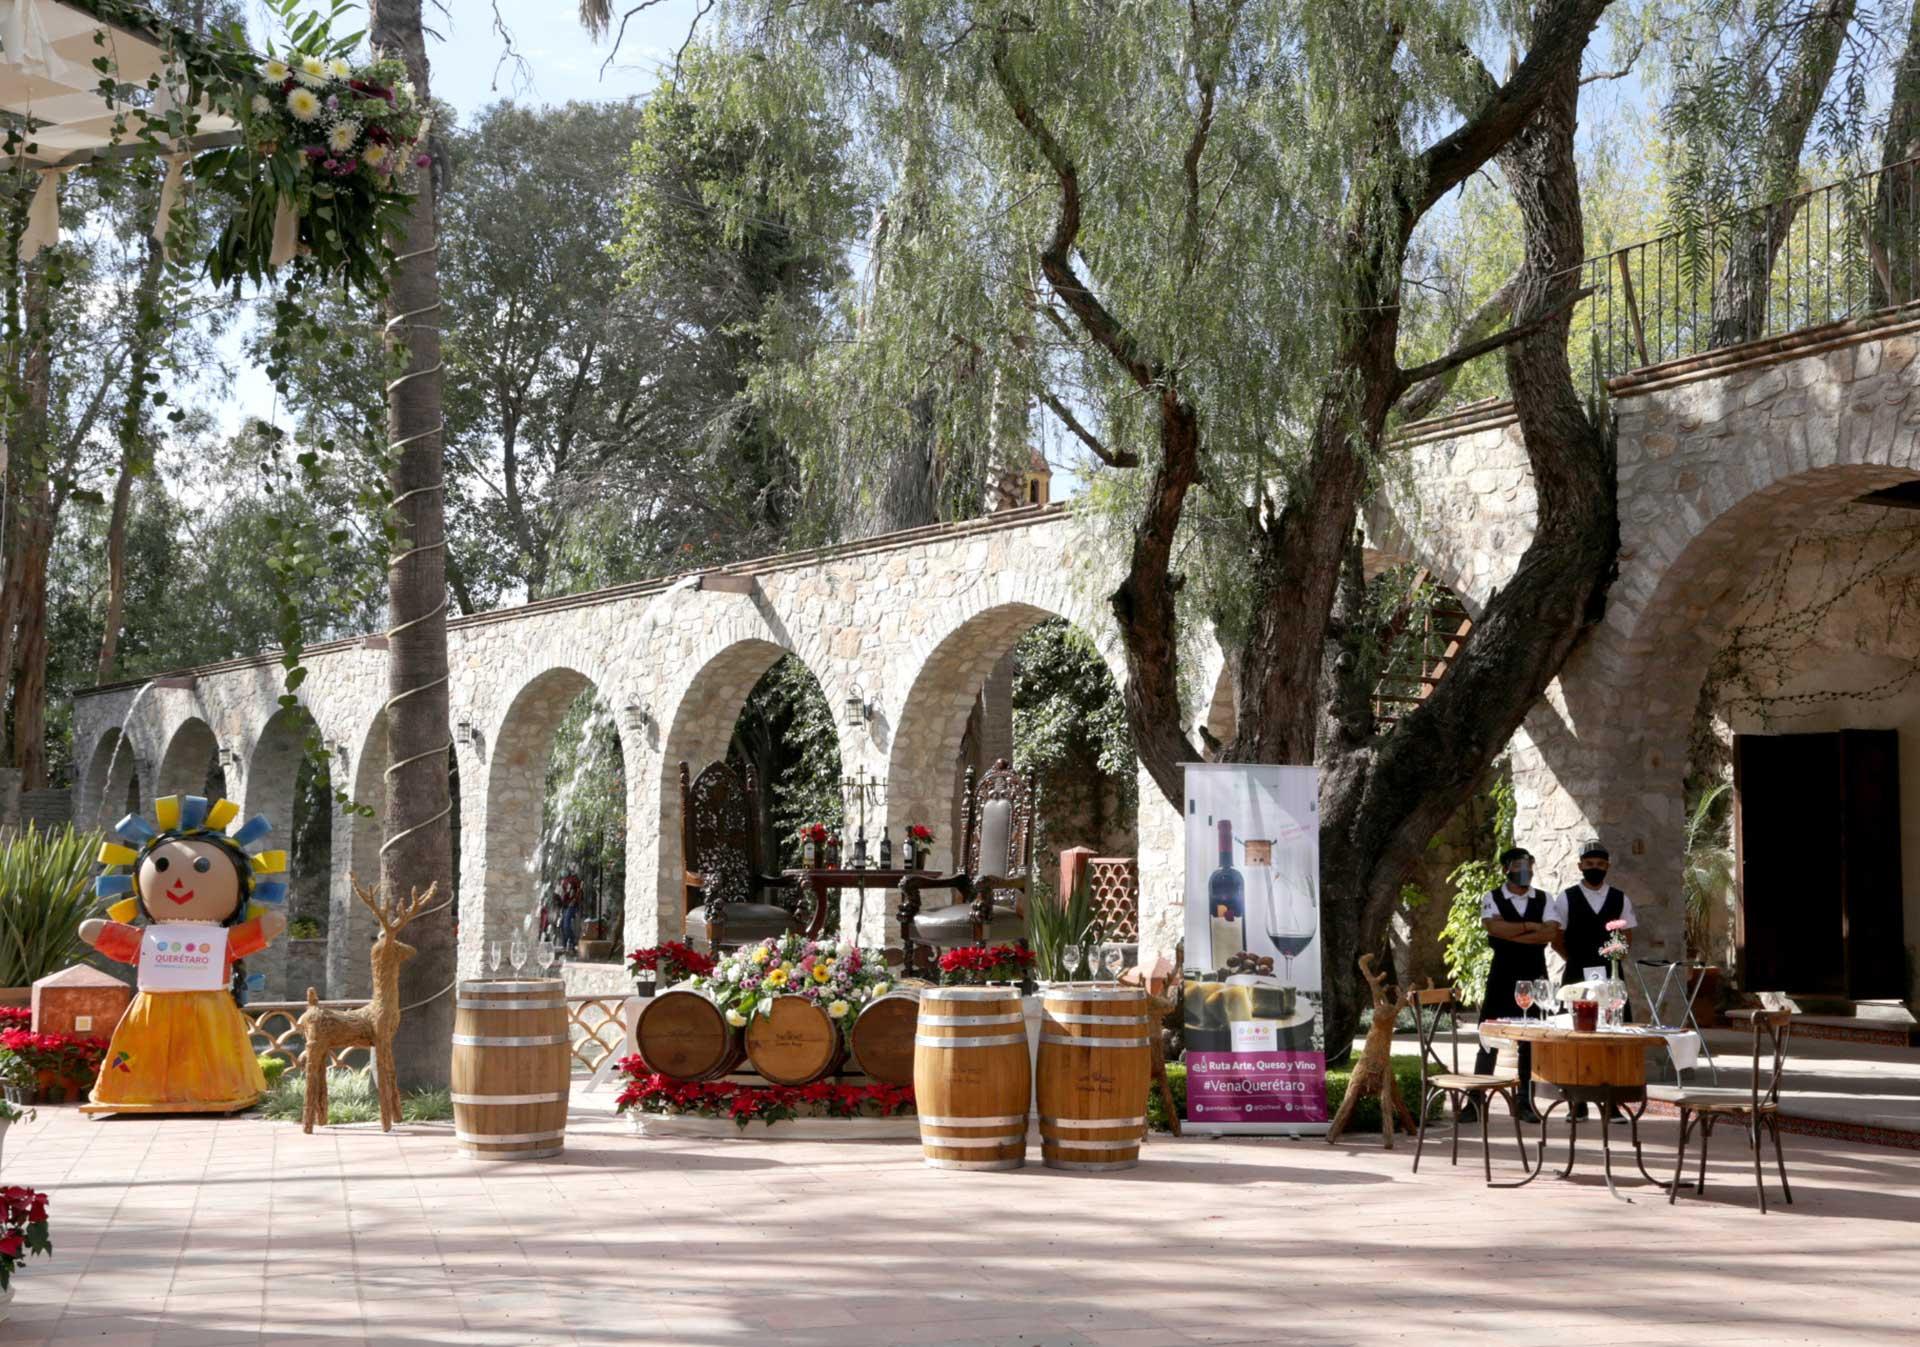 Hacienda Atongo